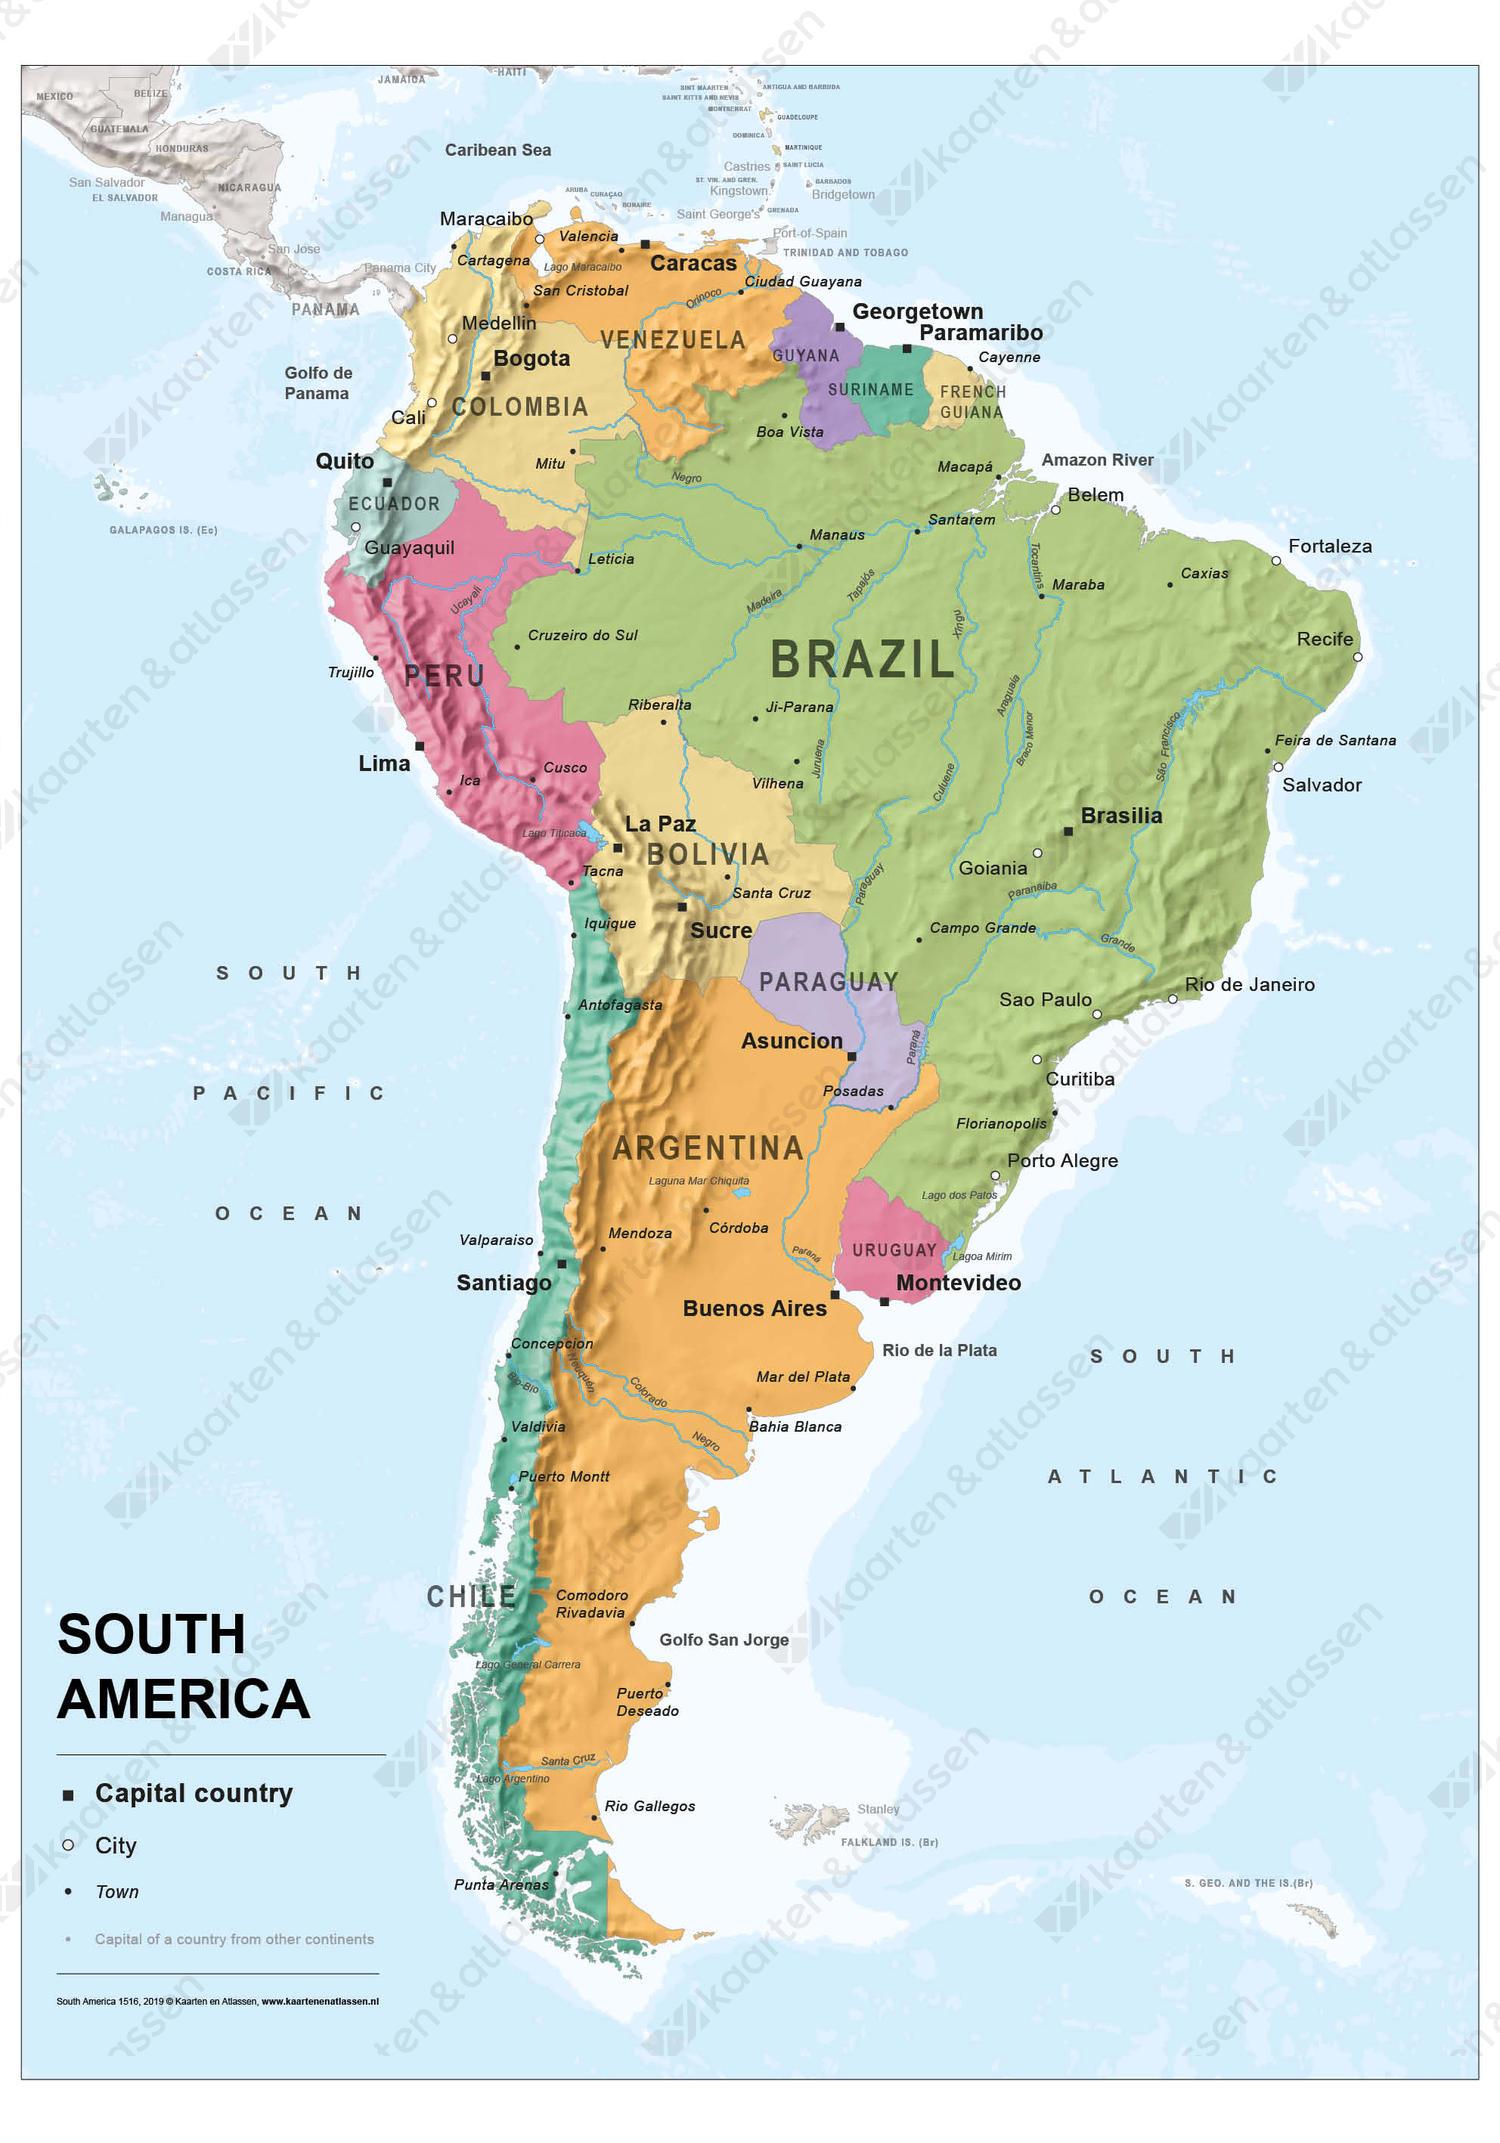 zuid-amerika kaart Zuid Amerika kaart staatkundig 1516 | Kaarten en Atlassen.nl